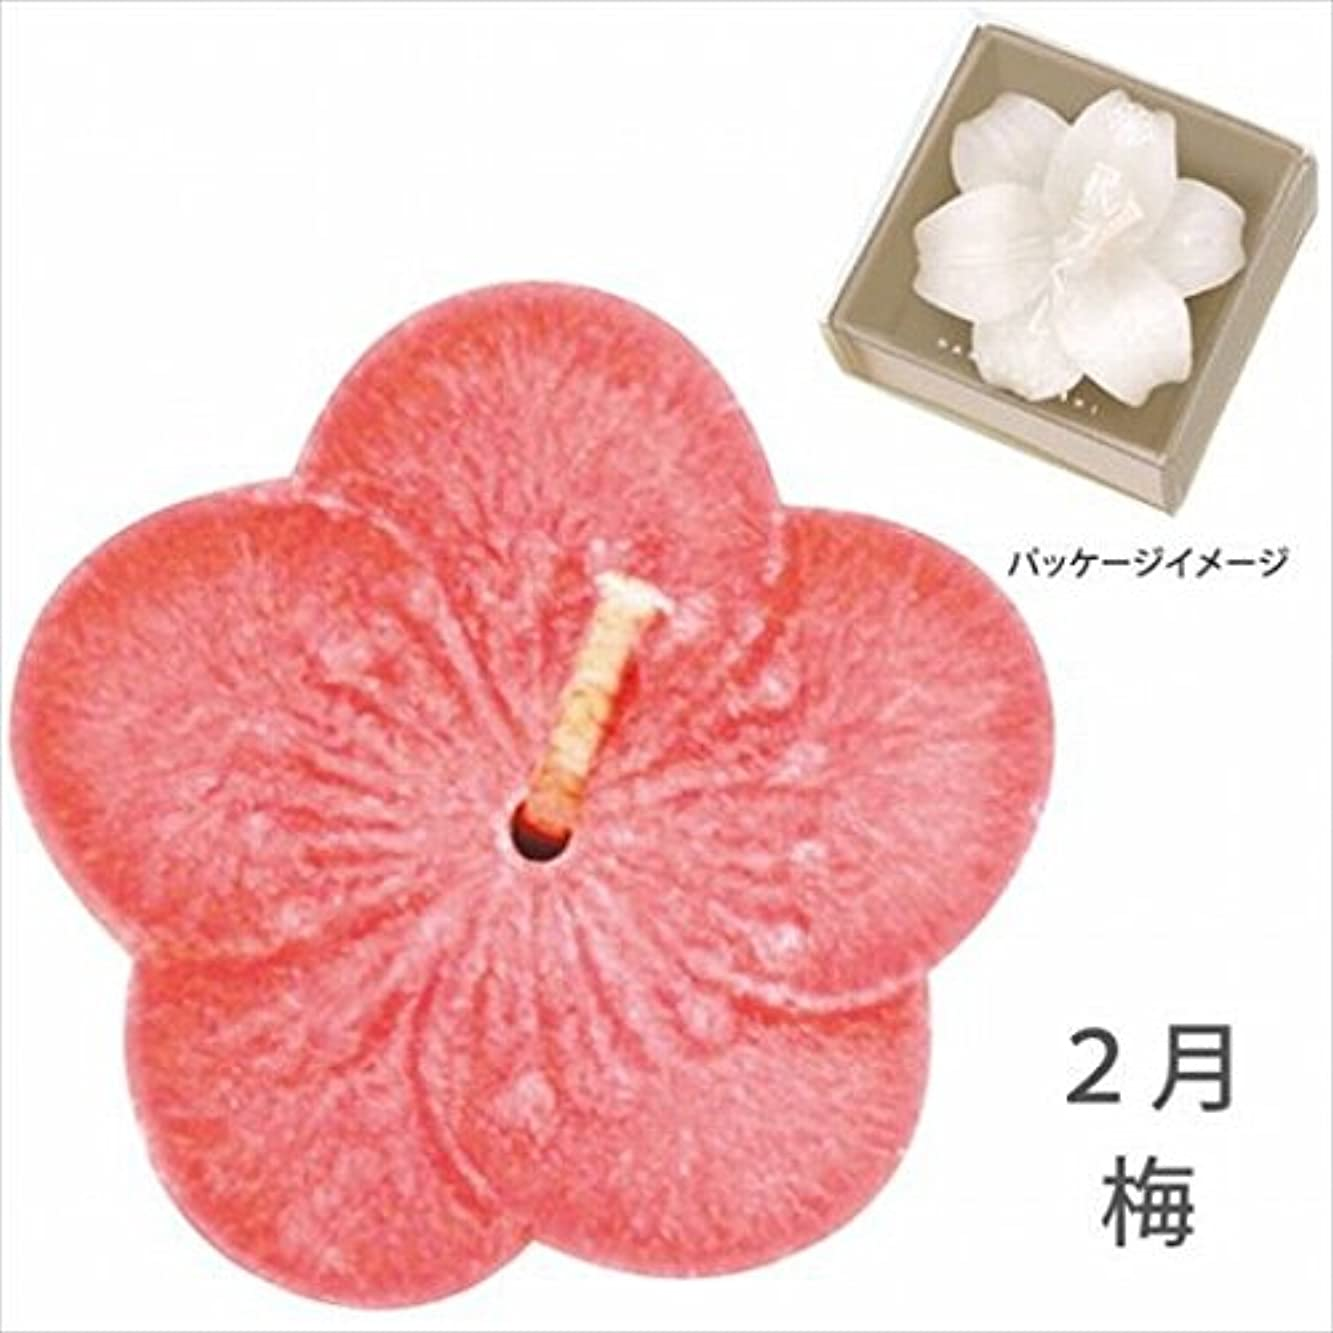 つかいます反響するこれまでカメヤマキャンドル( kameyama candle ) 花づくし(植物性) 梅 「 梅(2月) 」 キャンドル